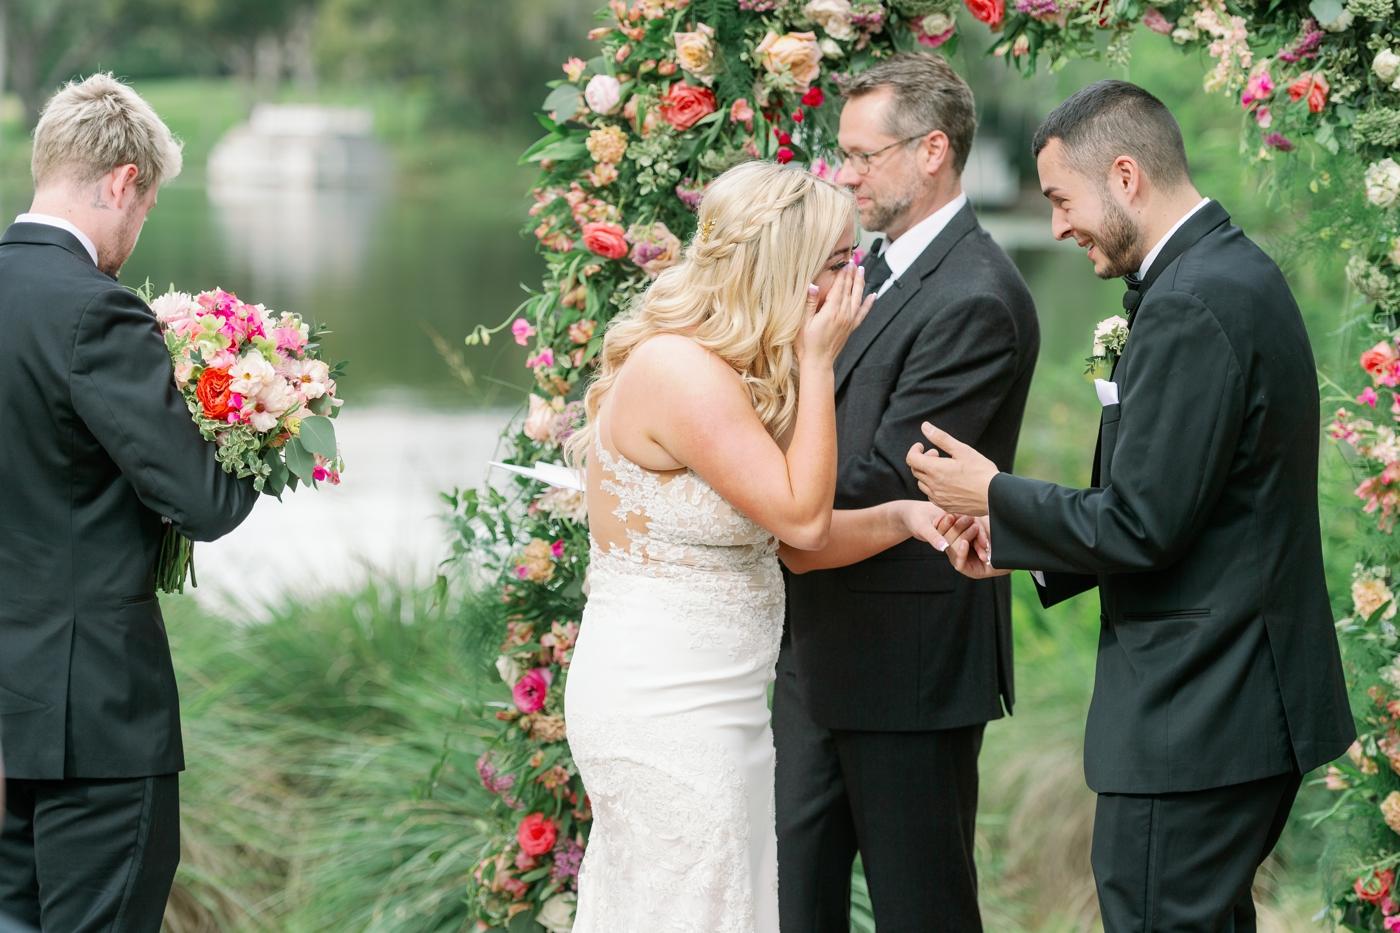 backyard wedding photogrpahy